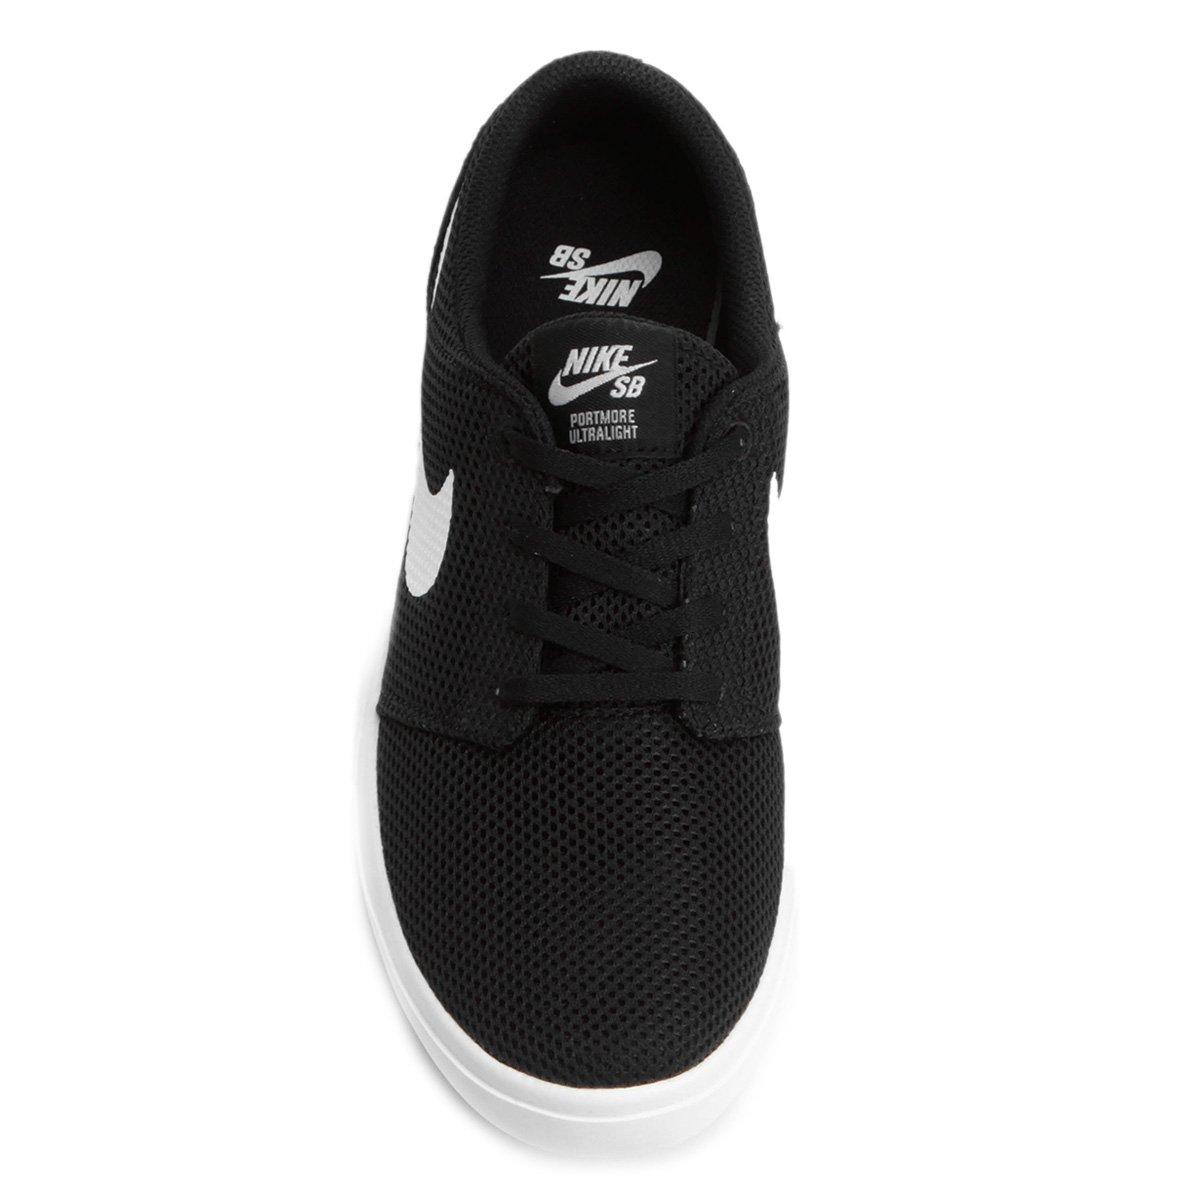 Tênis Nike SB Portmore II Ultralight Masculino - Preto e Branco ... d1c84a607bad5